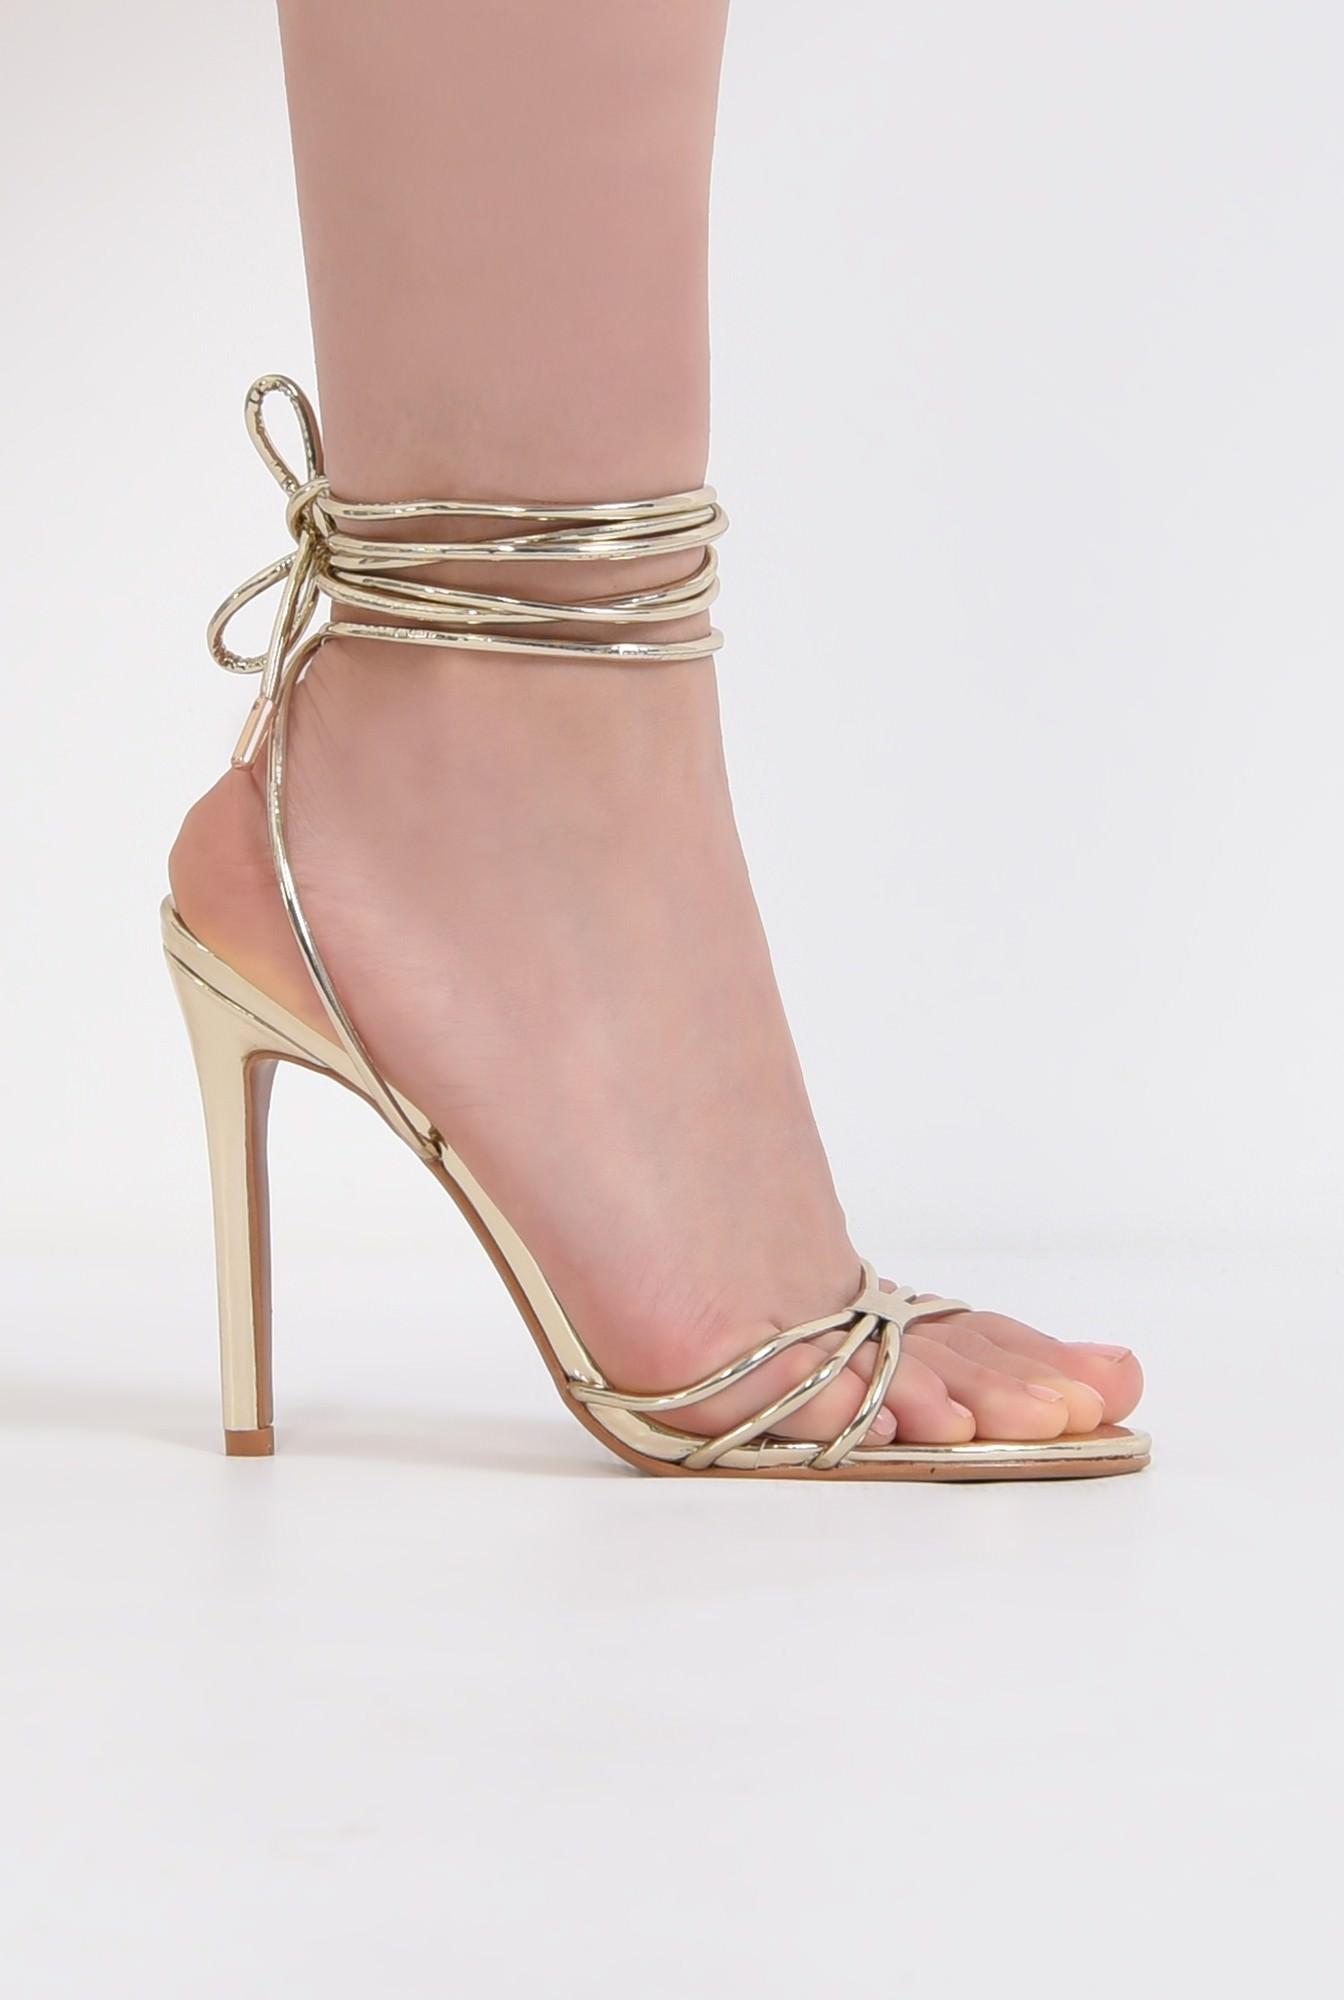 0 - sandale aurii, de ocazie, barete, snur, stiletto